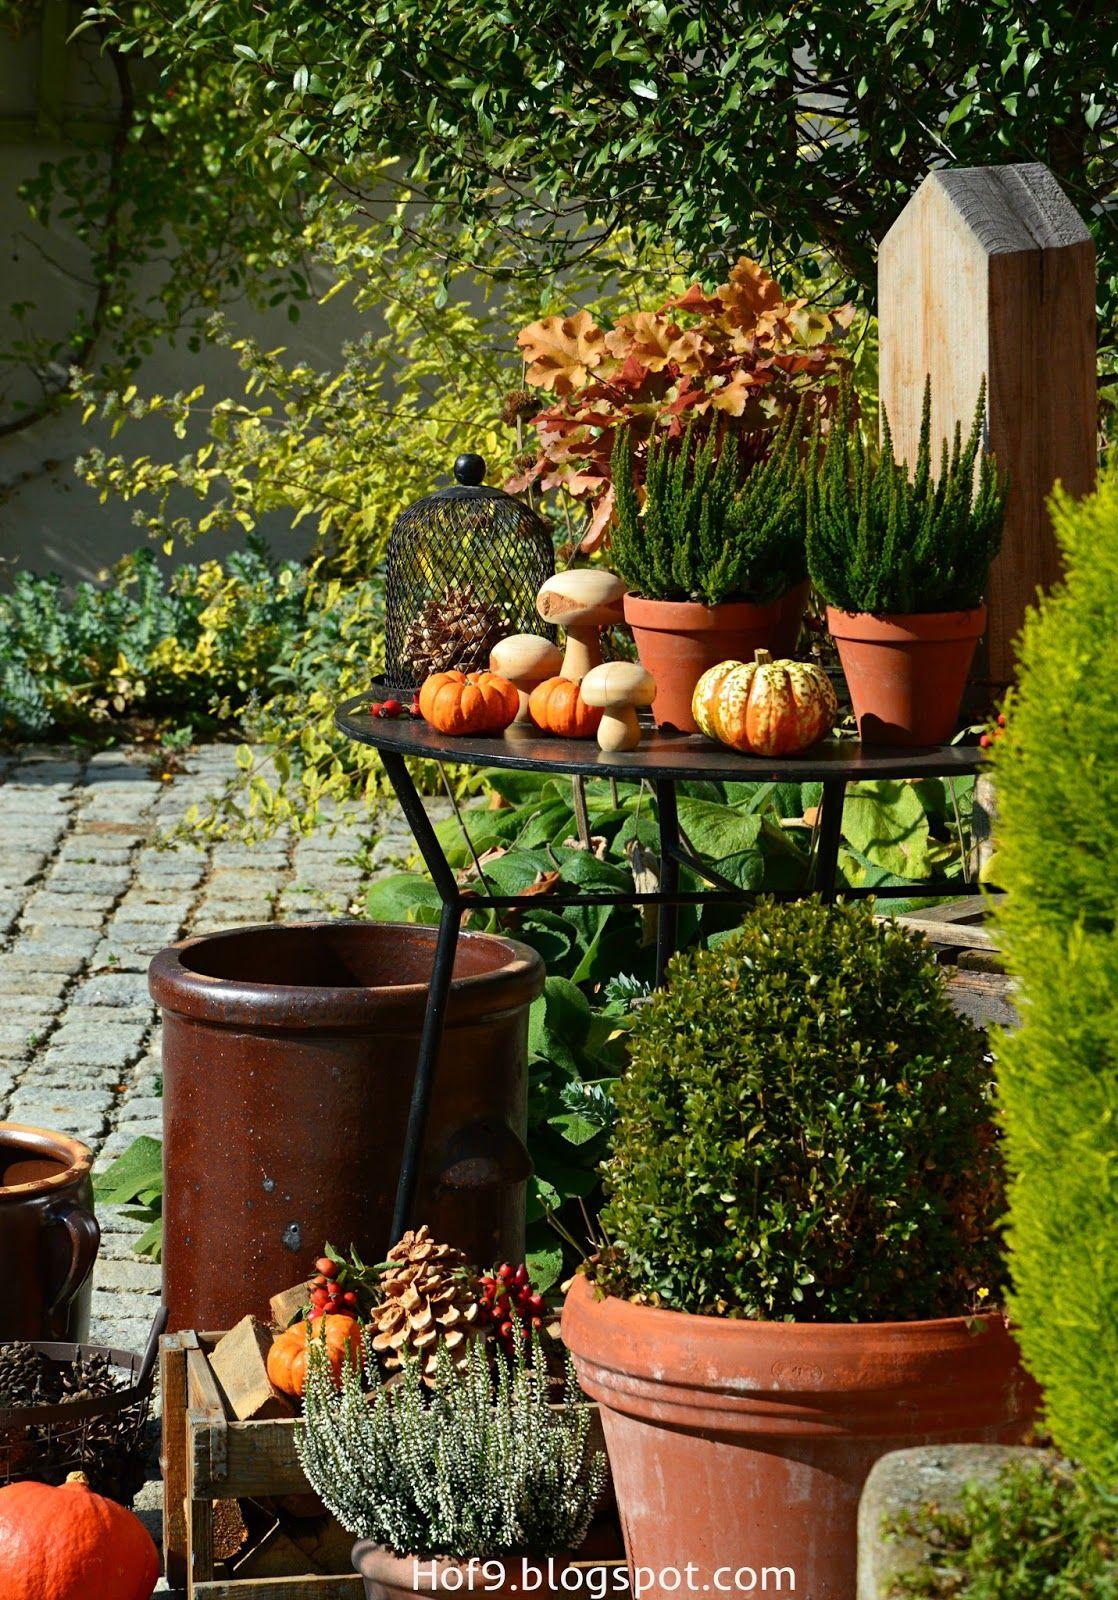 Dekoration mit Hagebutten, Herbstdeko, Deko für Innenhof, Dekoration mit Kürbis, Herbstdeko mit Kürbis #herbstdekoeingangsbereichdraussen